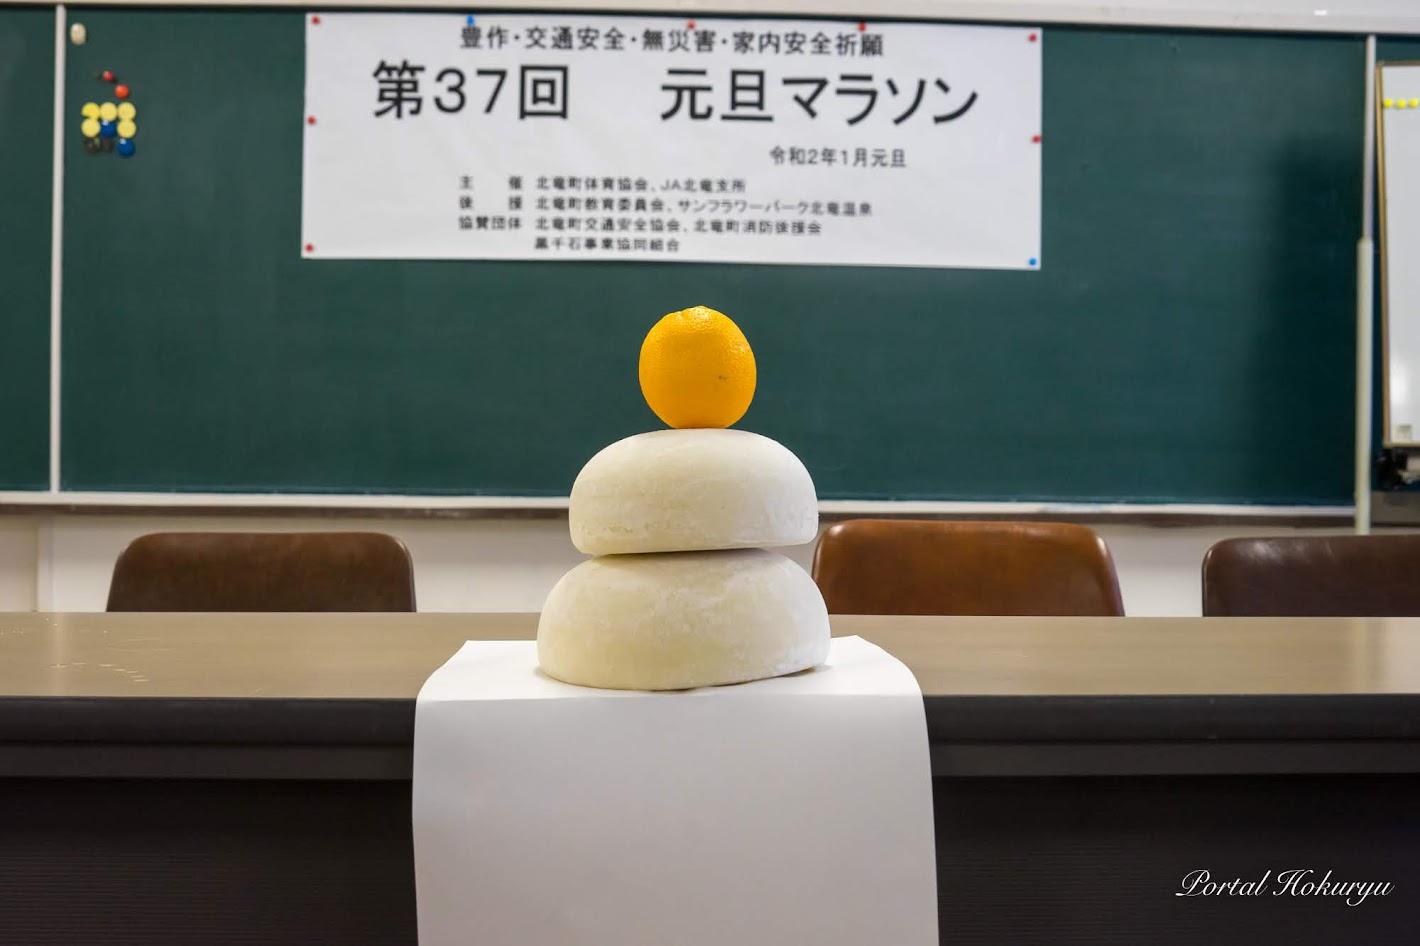 北竜消防連合消防後援会・藤井利昭 会長が栽培のもち米使用